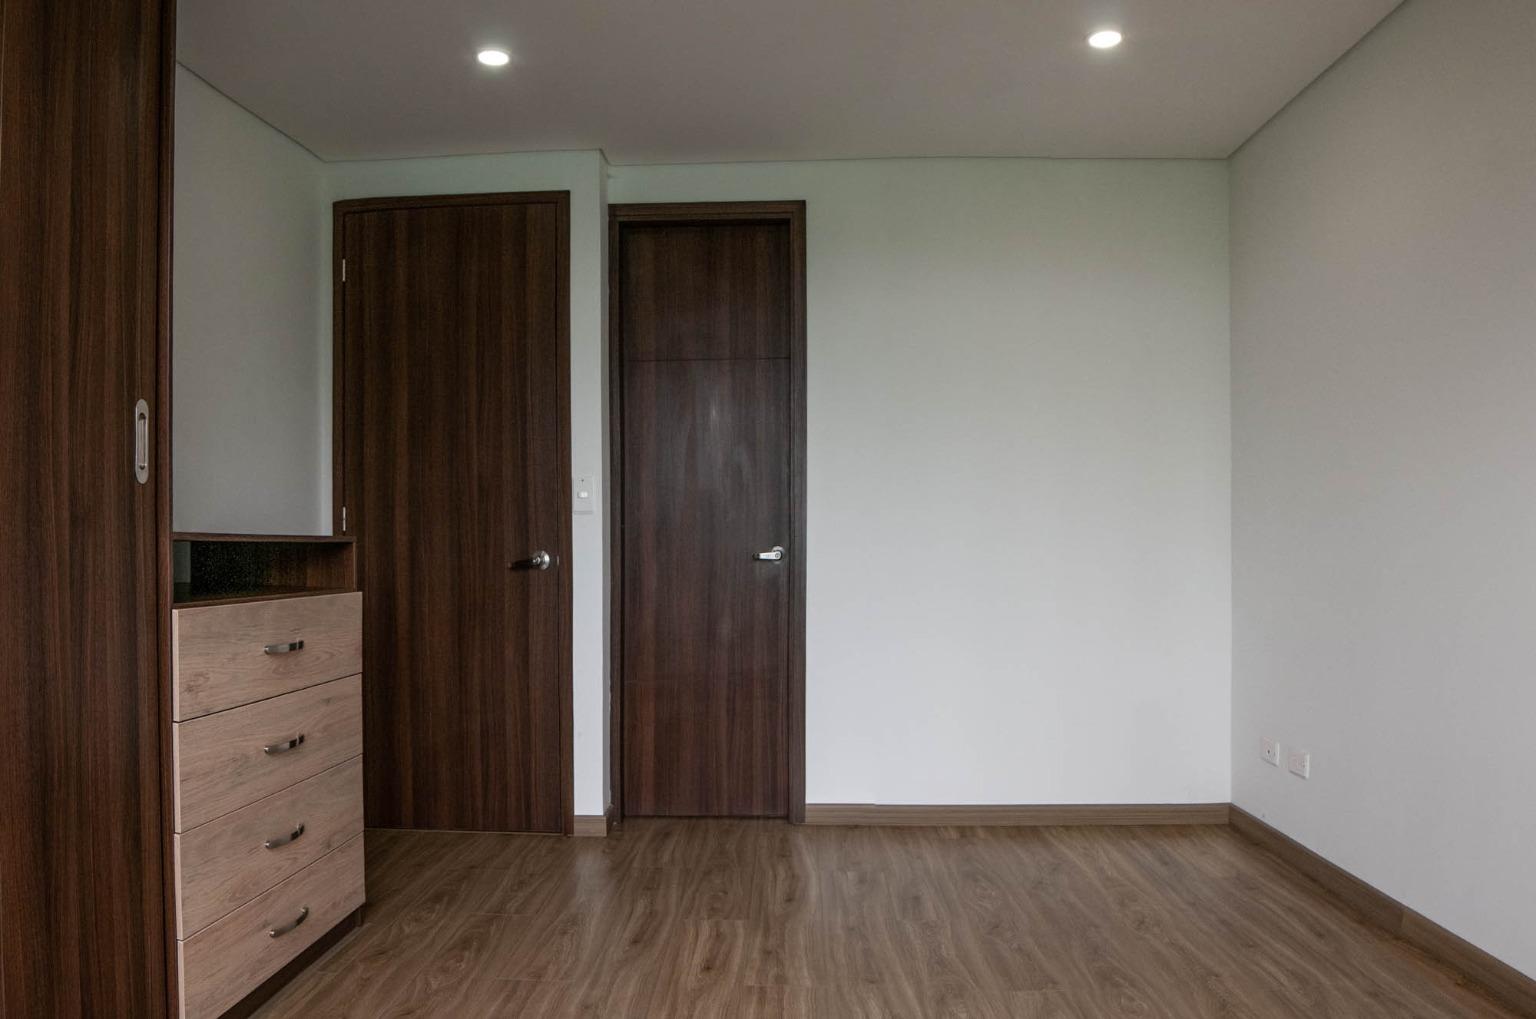 99260 - Hermoso apartamento en venta Proyecto Arllendo